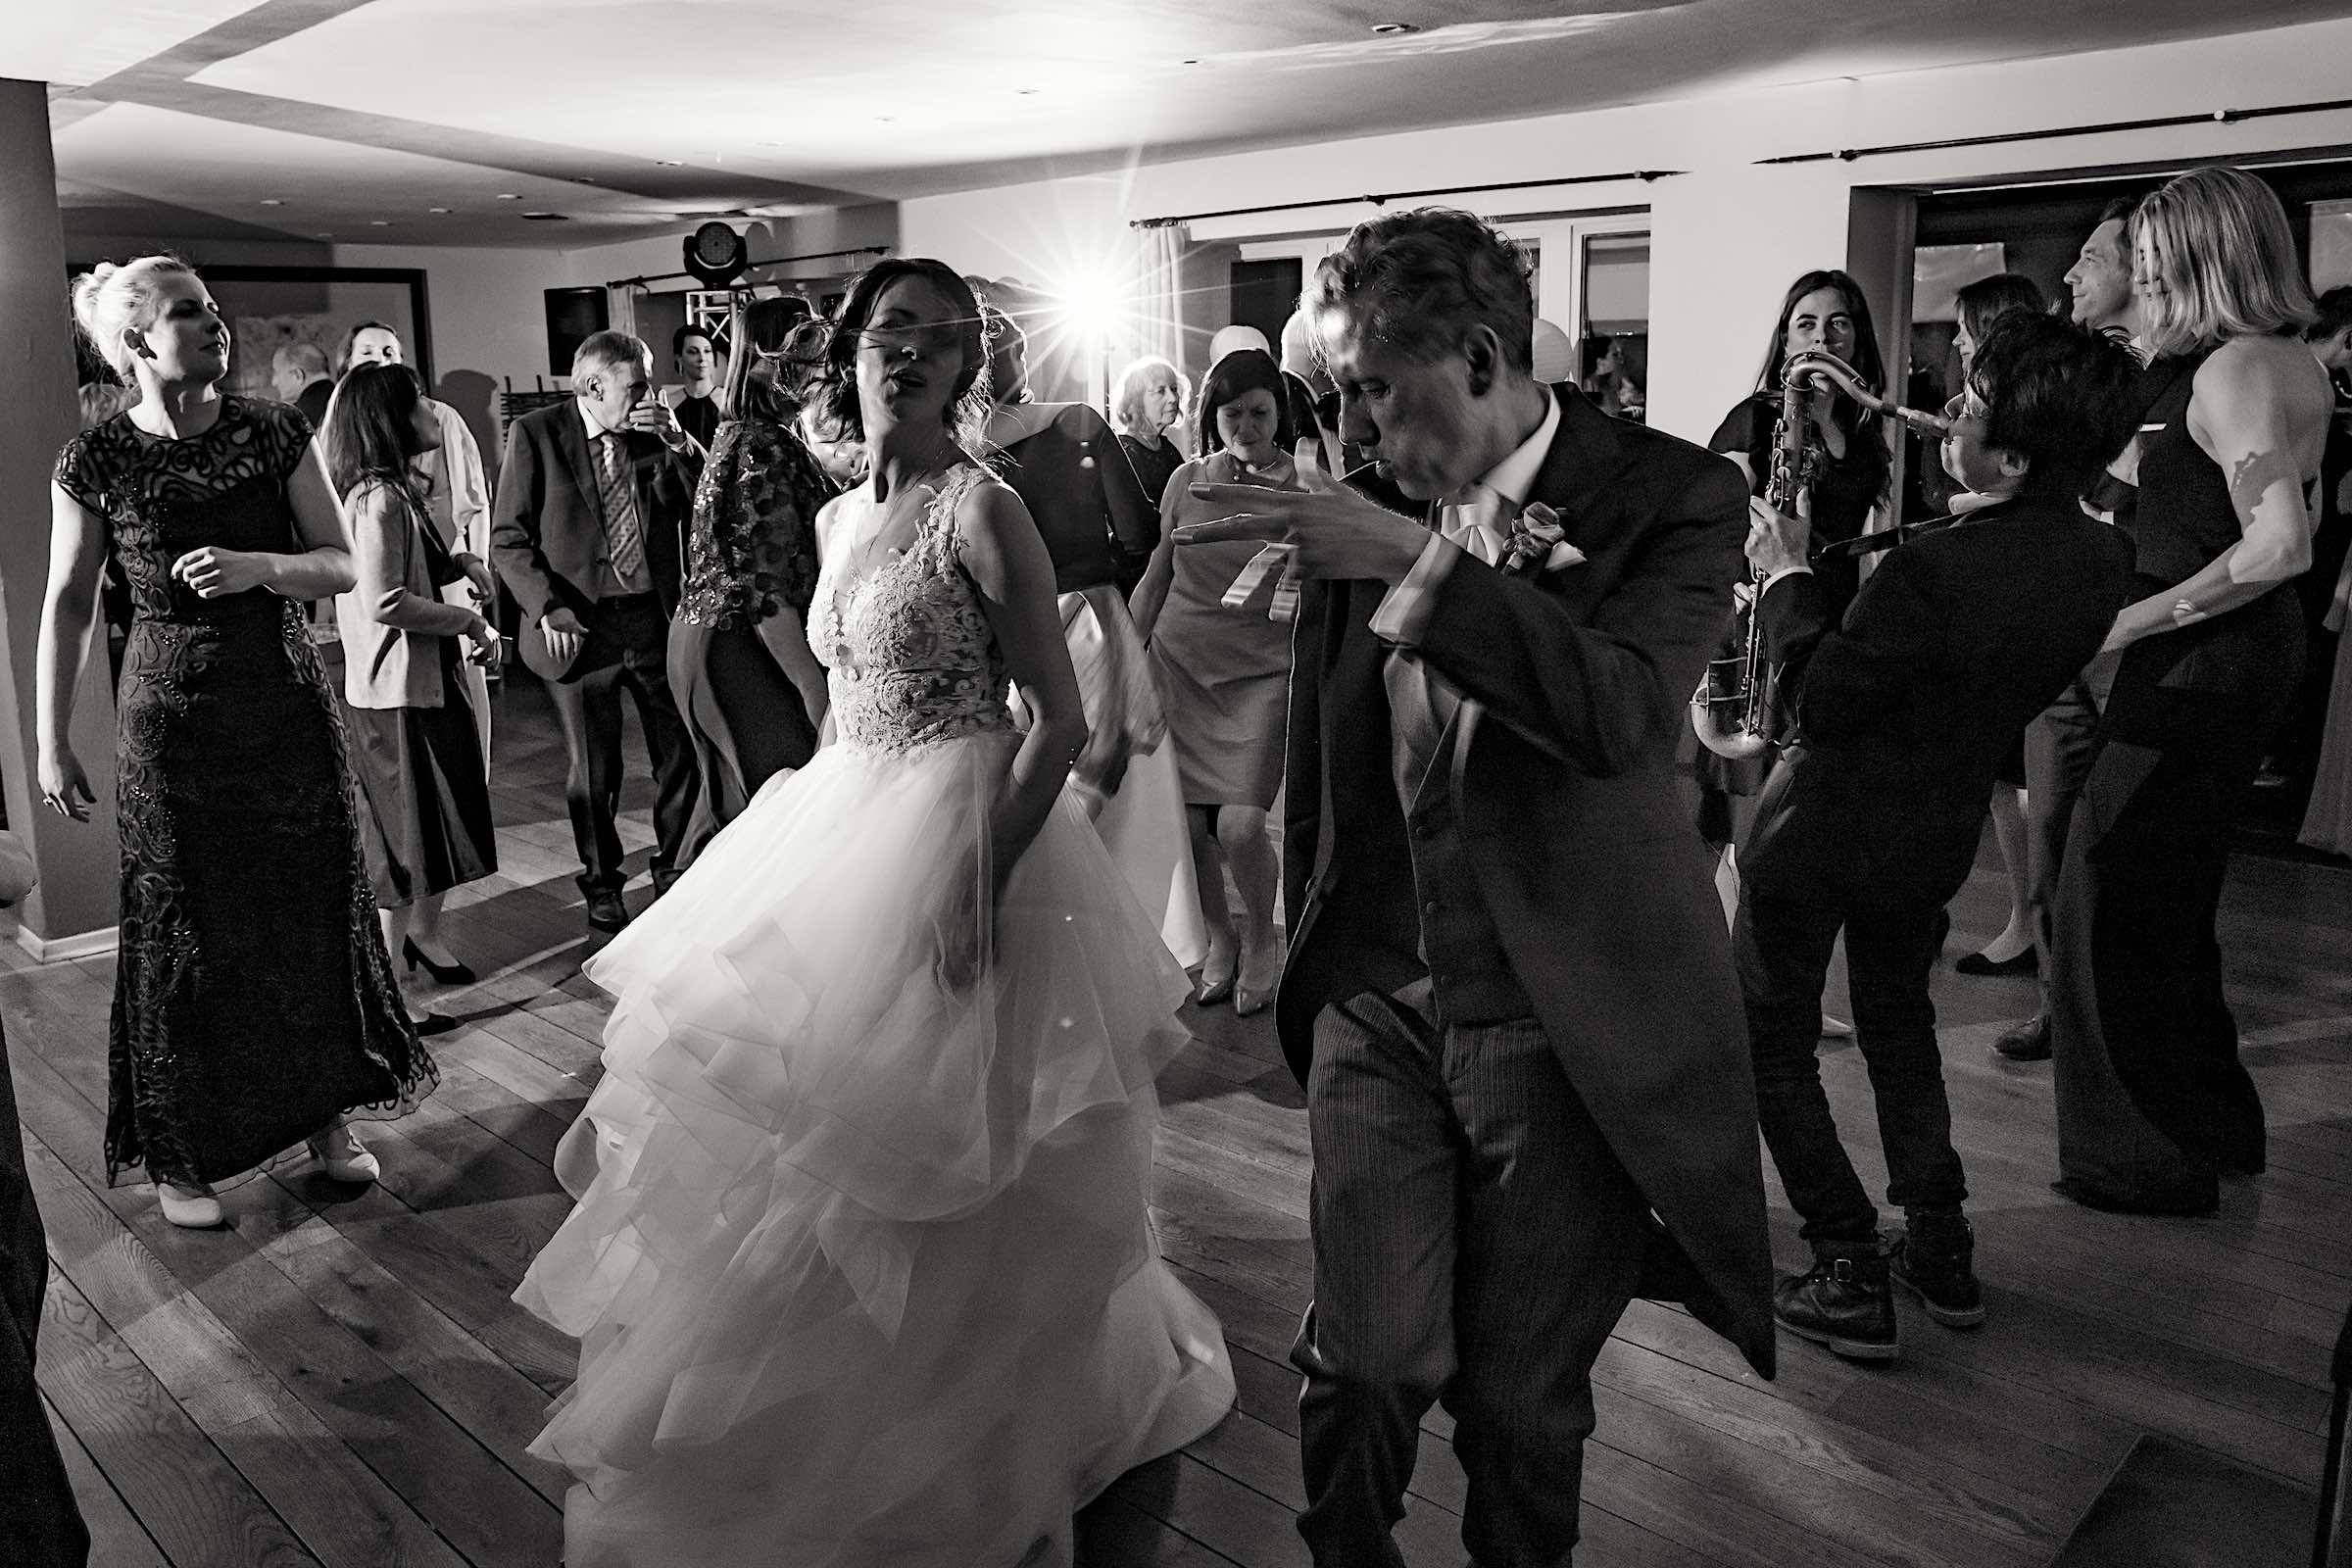 Hochzeitsfotograf | Peine | Hannover | Hameln | Celle | Fotograf | Braunschweig Hochzeit | Hochzeitsfotografie | Hochzeitsreportage | Fotografie | Buchen | Mieten | Lehmann | Eventservice